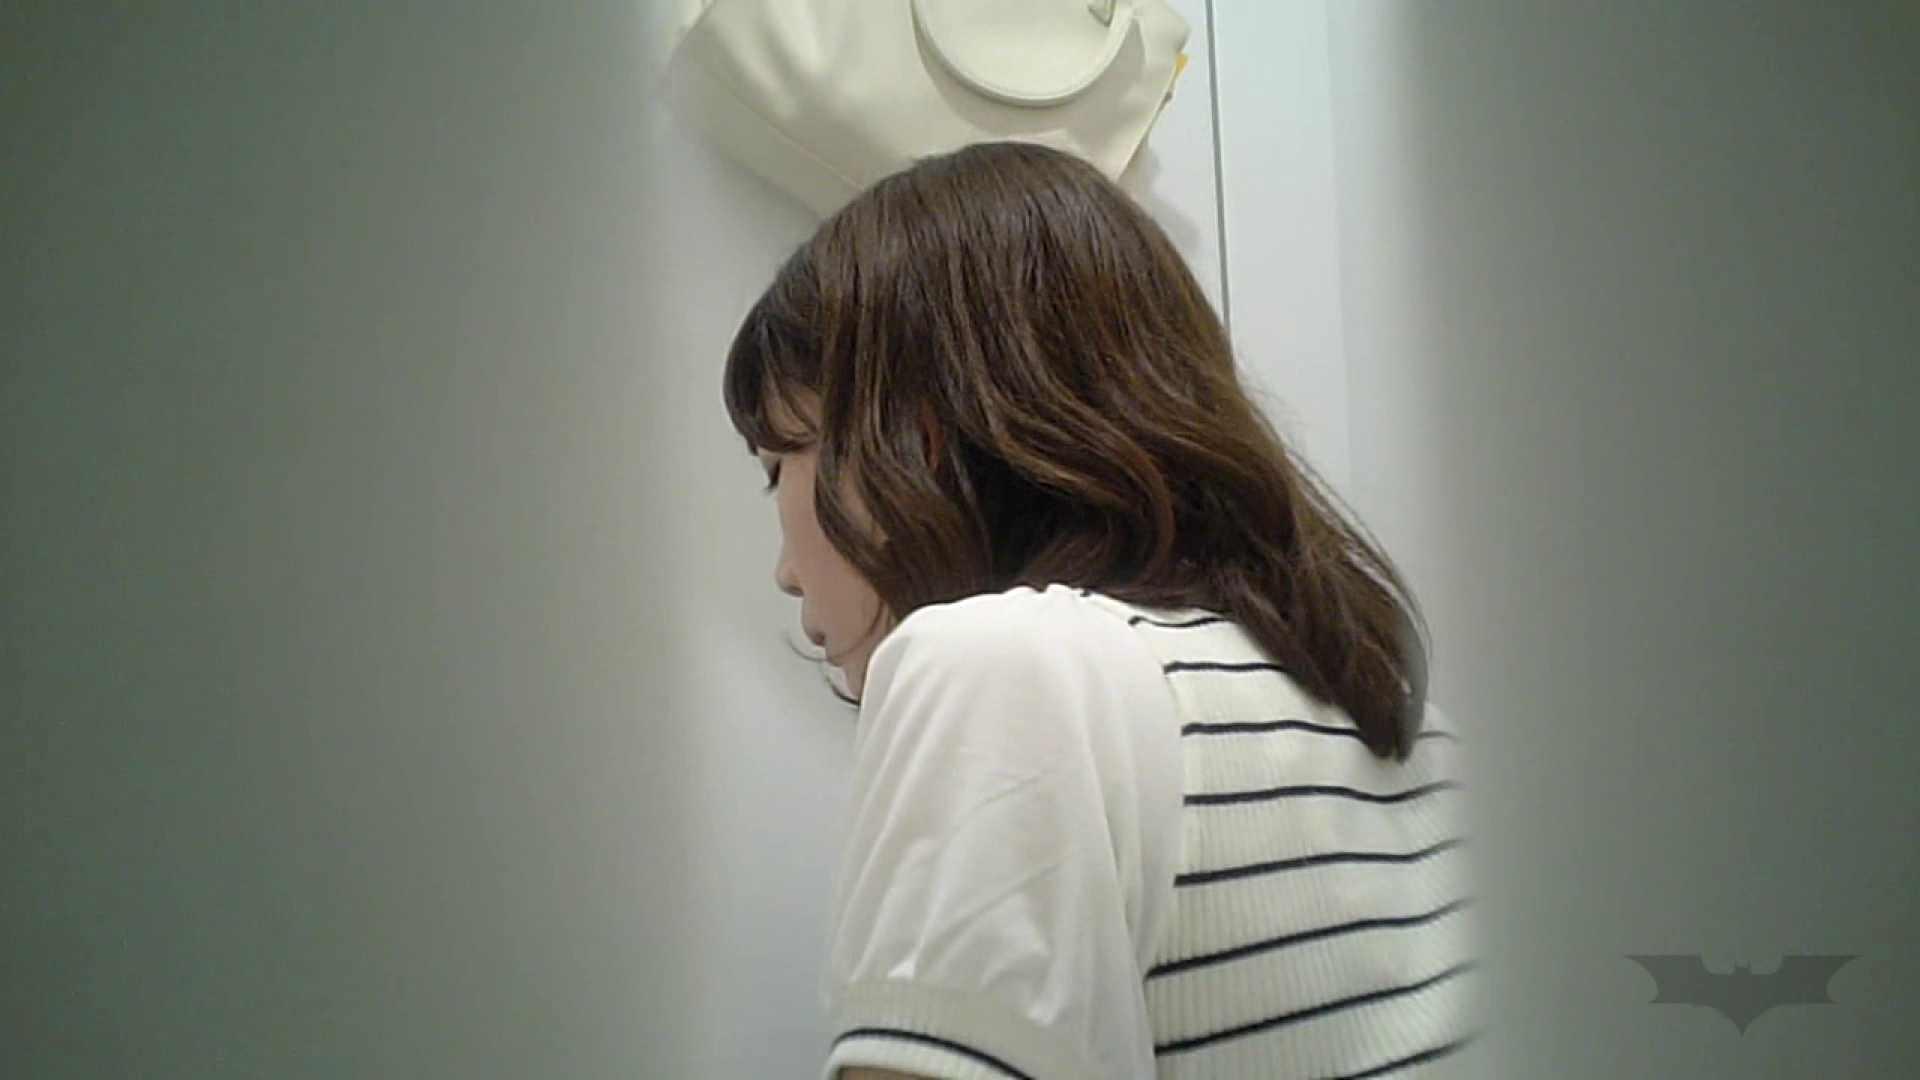 有名大学女性洗面所 vol.37 ついでにアンダーヘアーの状態確認ですね。 洗面所のぞき われめAV動画紹介 76枚 13